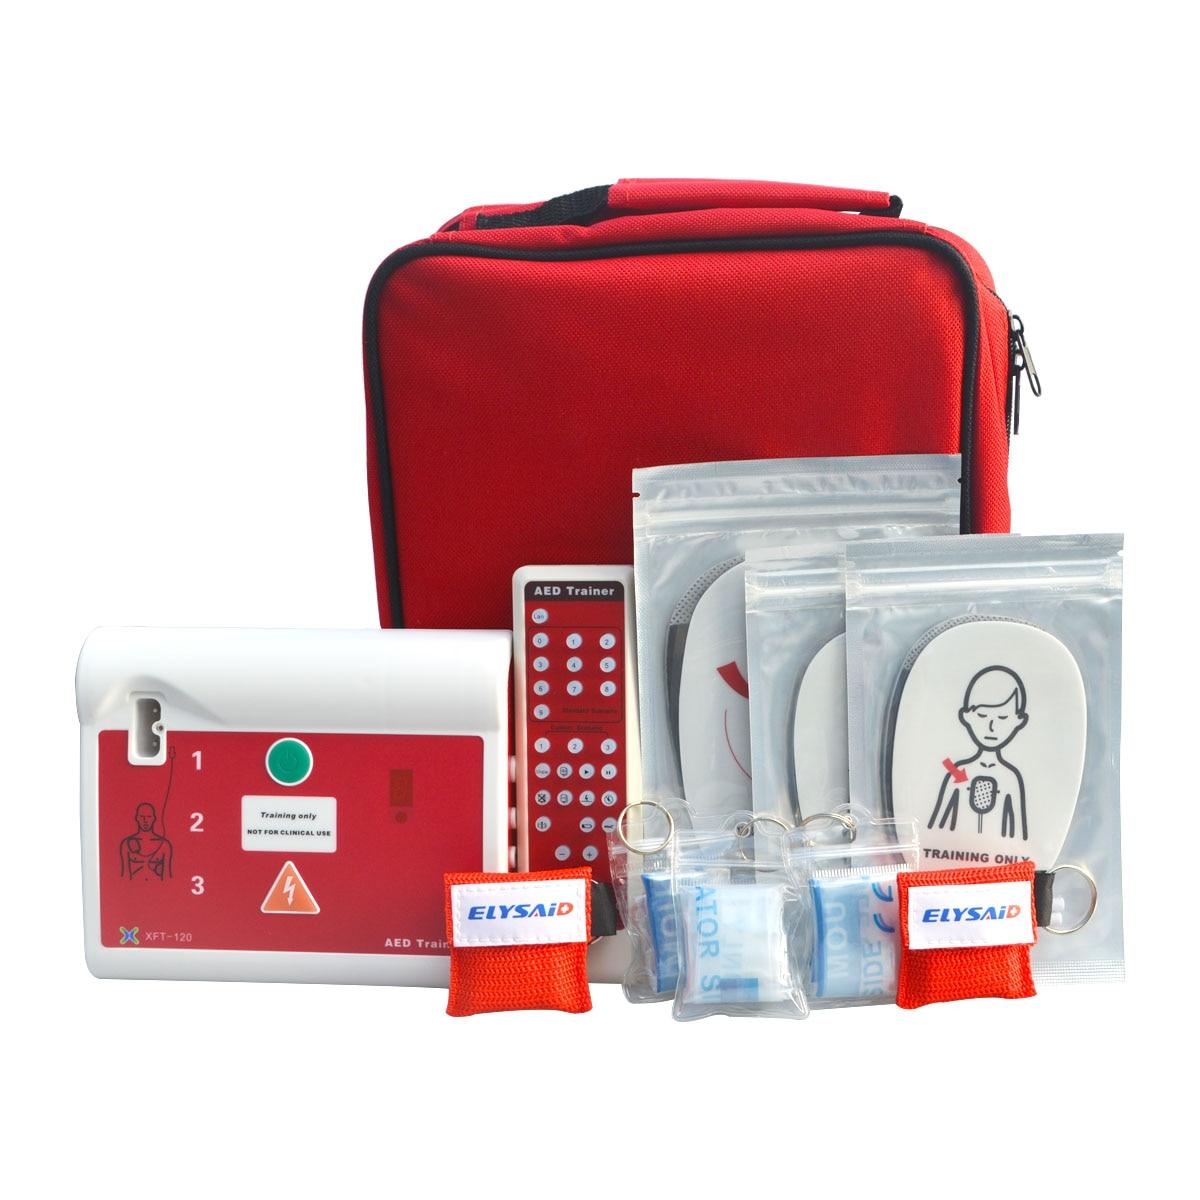 AED Trainer Geautomatiseerde Reanimatie Training Machine Met Vervangbare Taal Kaart Voor Emergency + 5 pcs CPR-in Kits met toilettassen van Schoonheid op AliExpress - 11.11_Dubbel 11Vrijgezellendag 1